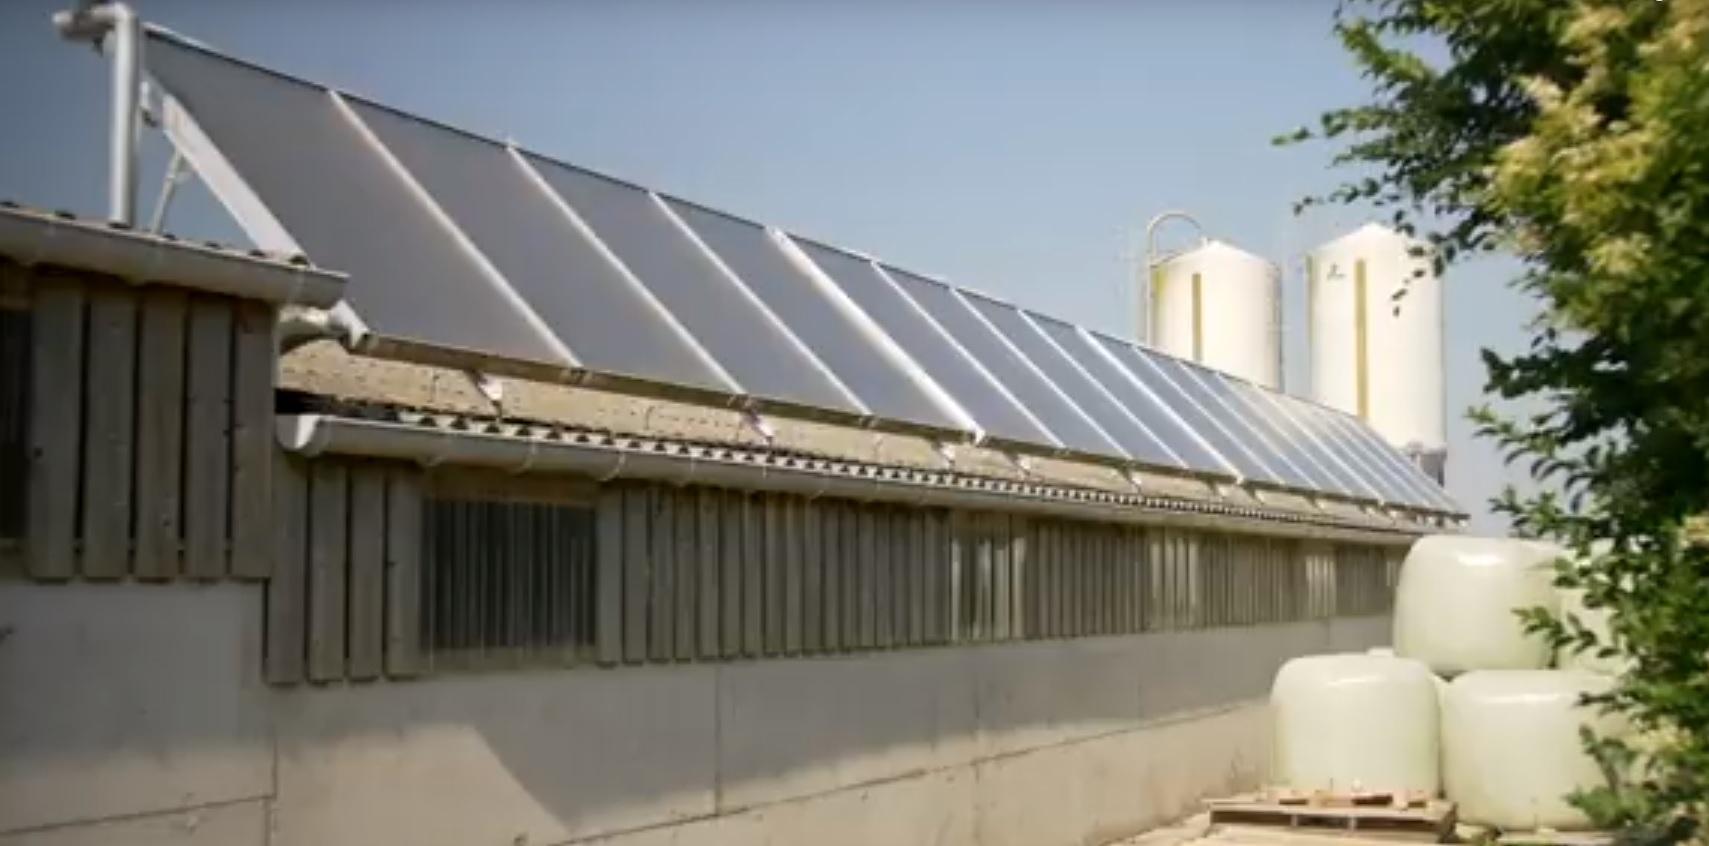 Le solaire thermique couvre 50 � 60 % de mes besoins en eau chaude sanitaire